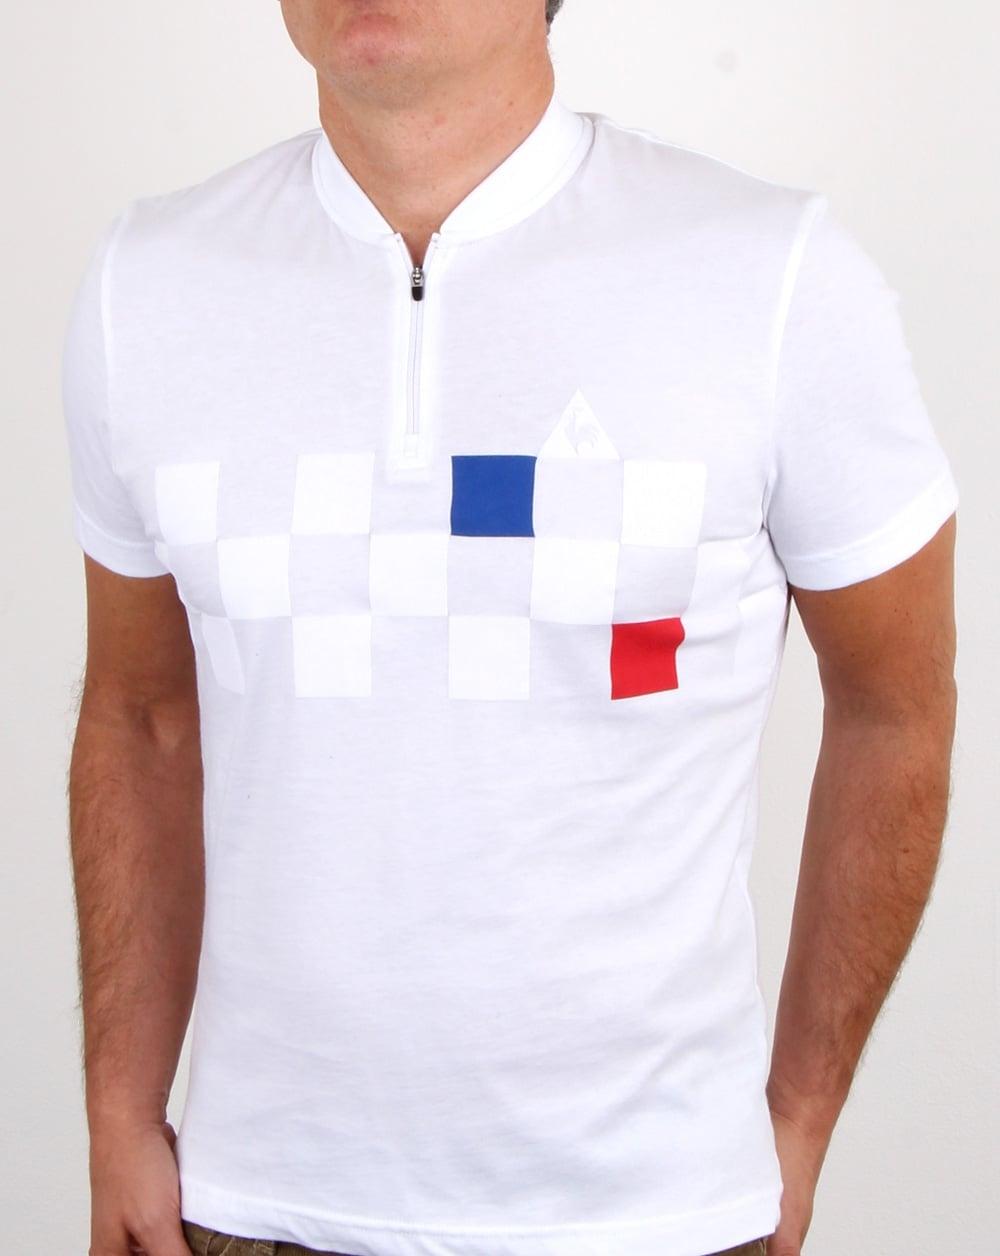 Le Coq Sportif Le Coq Sportif Cycling T Shirt White 7aad370b4